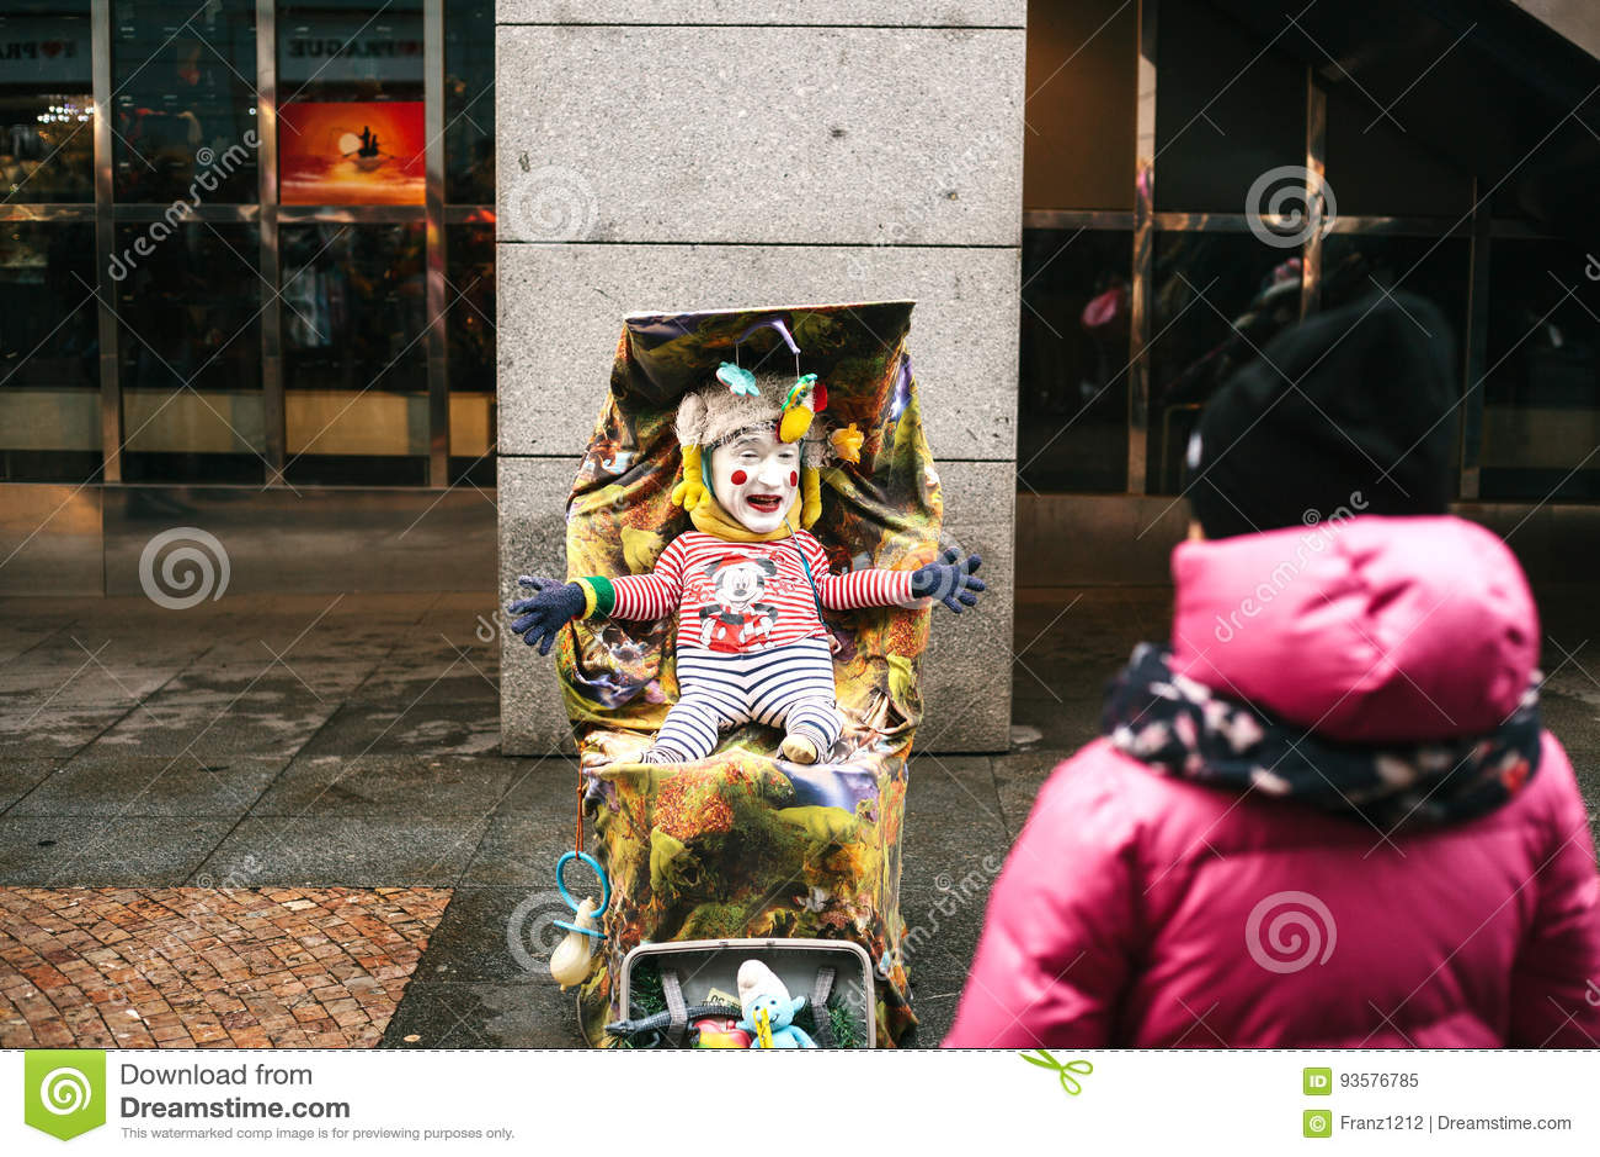 Praga, republika czech, Grudzień 24, 2016 - śmieszny błazen dorosły przebiera jako dziecko w spacerowiczu rozrywka